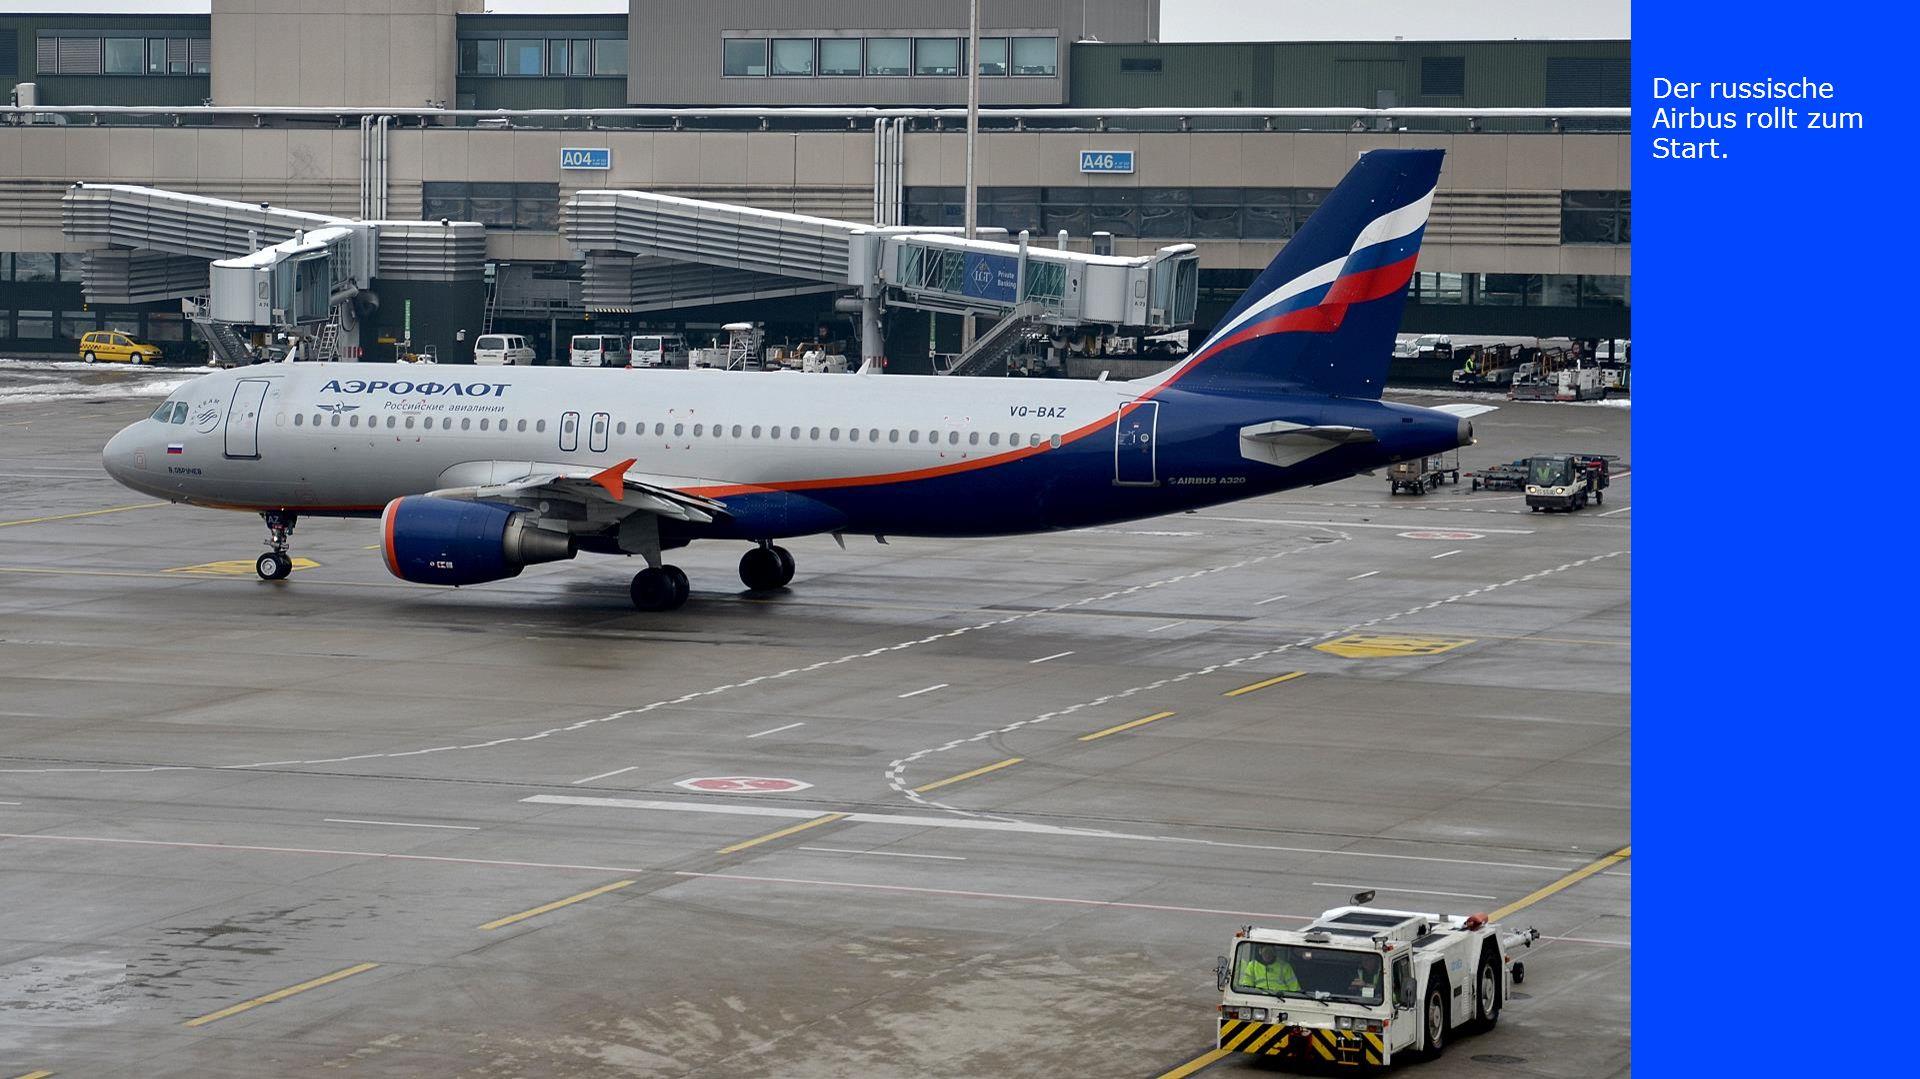 Der russische Airbus rollt zum Start, die SWISS- Maschine startete auf der Piste 28 und die Boeing aus der Türkei rollt zum Gate.